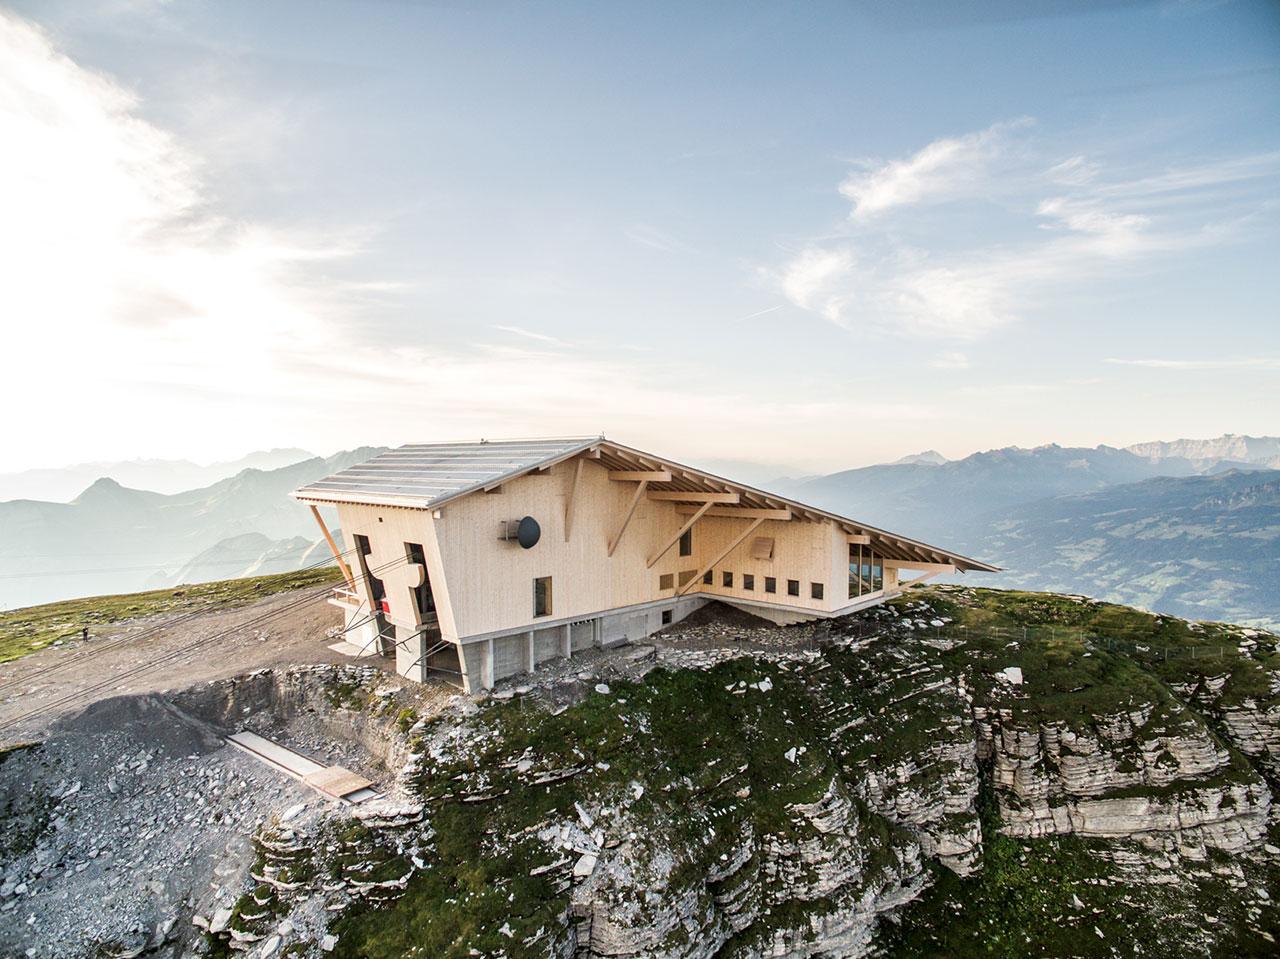 Peak Hour Gipfelrestaurant On Mount Chserrugg By Herzog